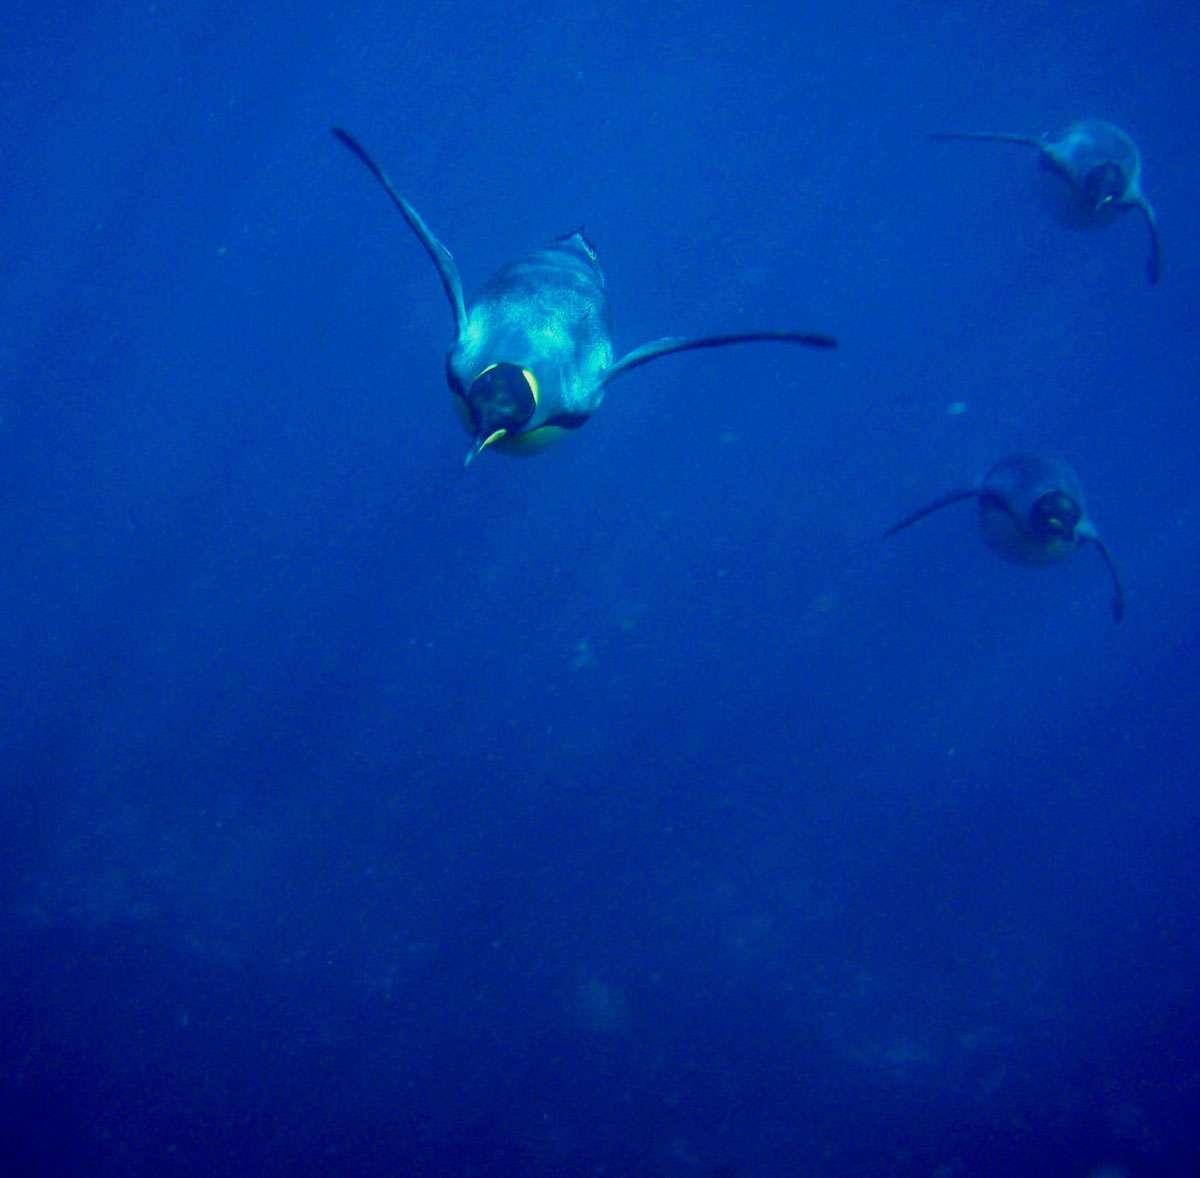 Les manchots royaux sont d'excellents nageurs, atteignant couramment entre 3 et 12 km/h (d'après B.M. Culik et al, J. of Exp. Biology, 1996). © David Beaune